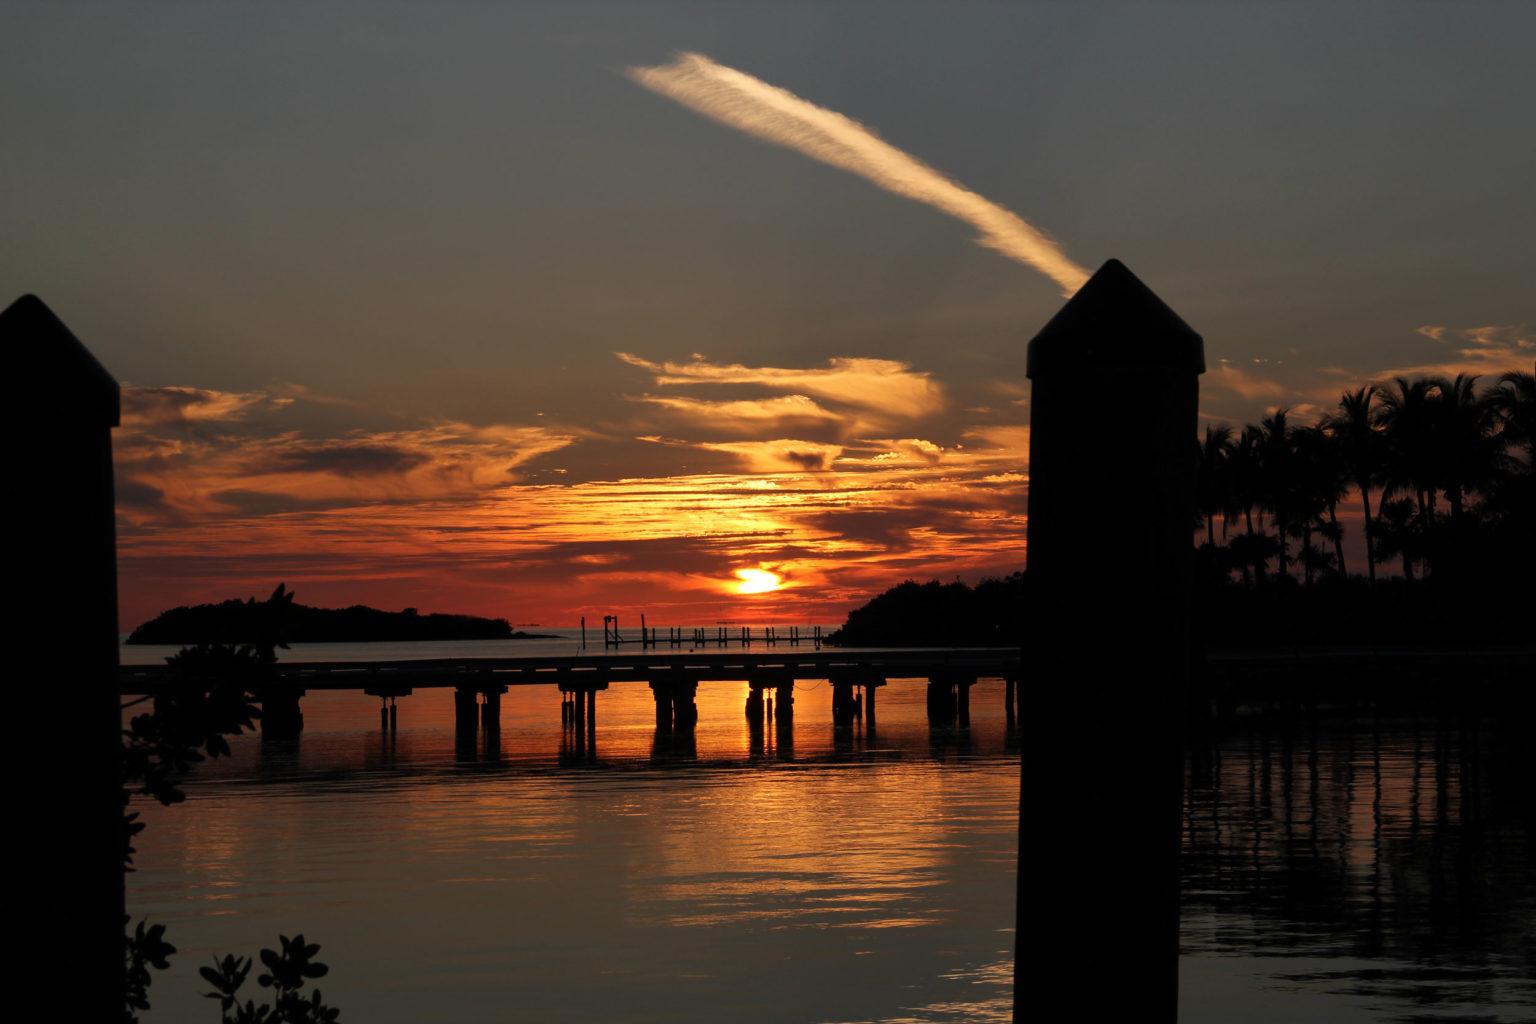 Sunset Florida-Keys